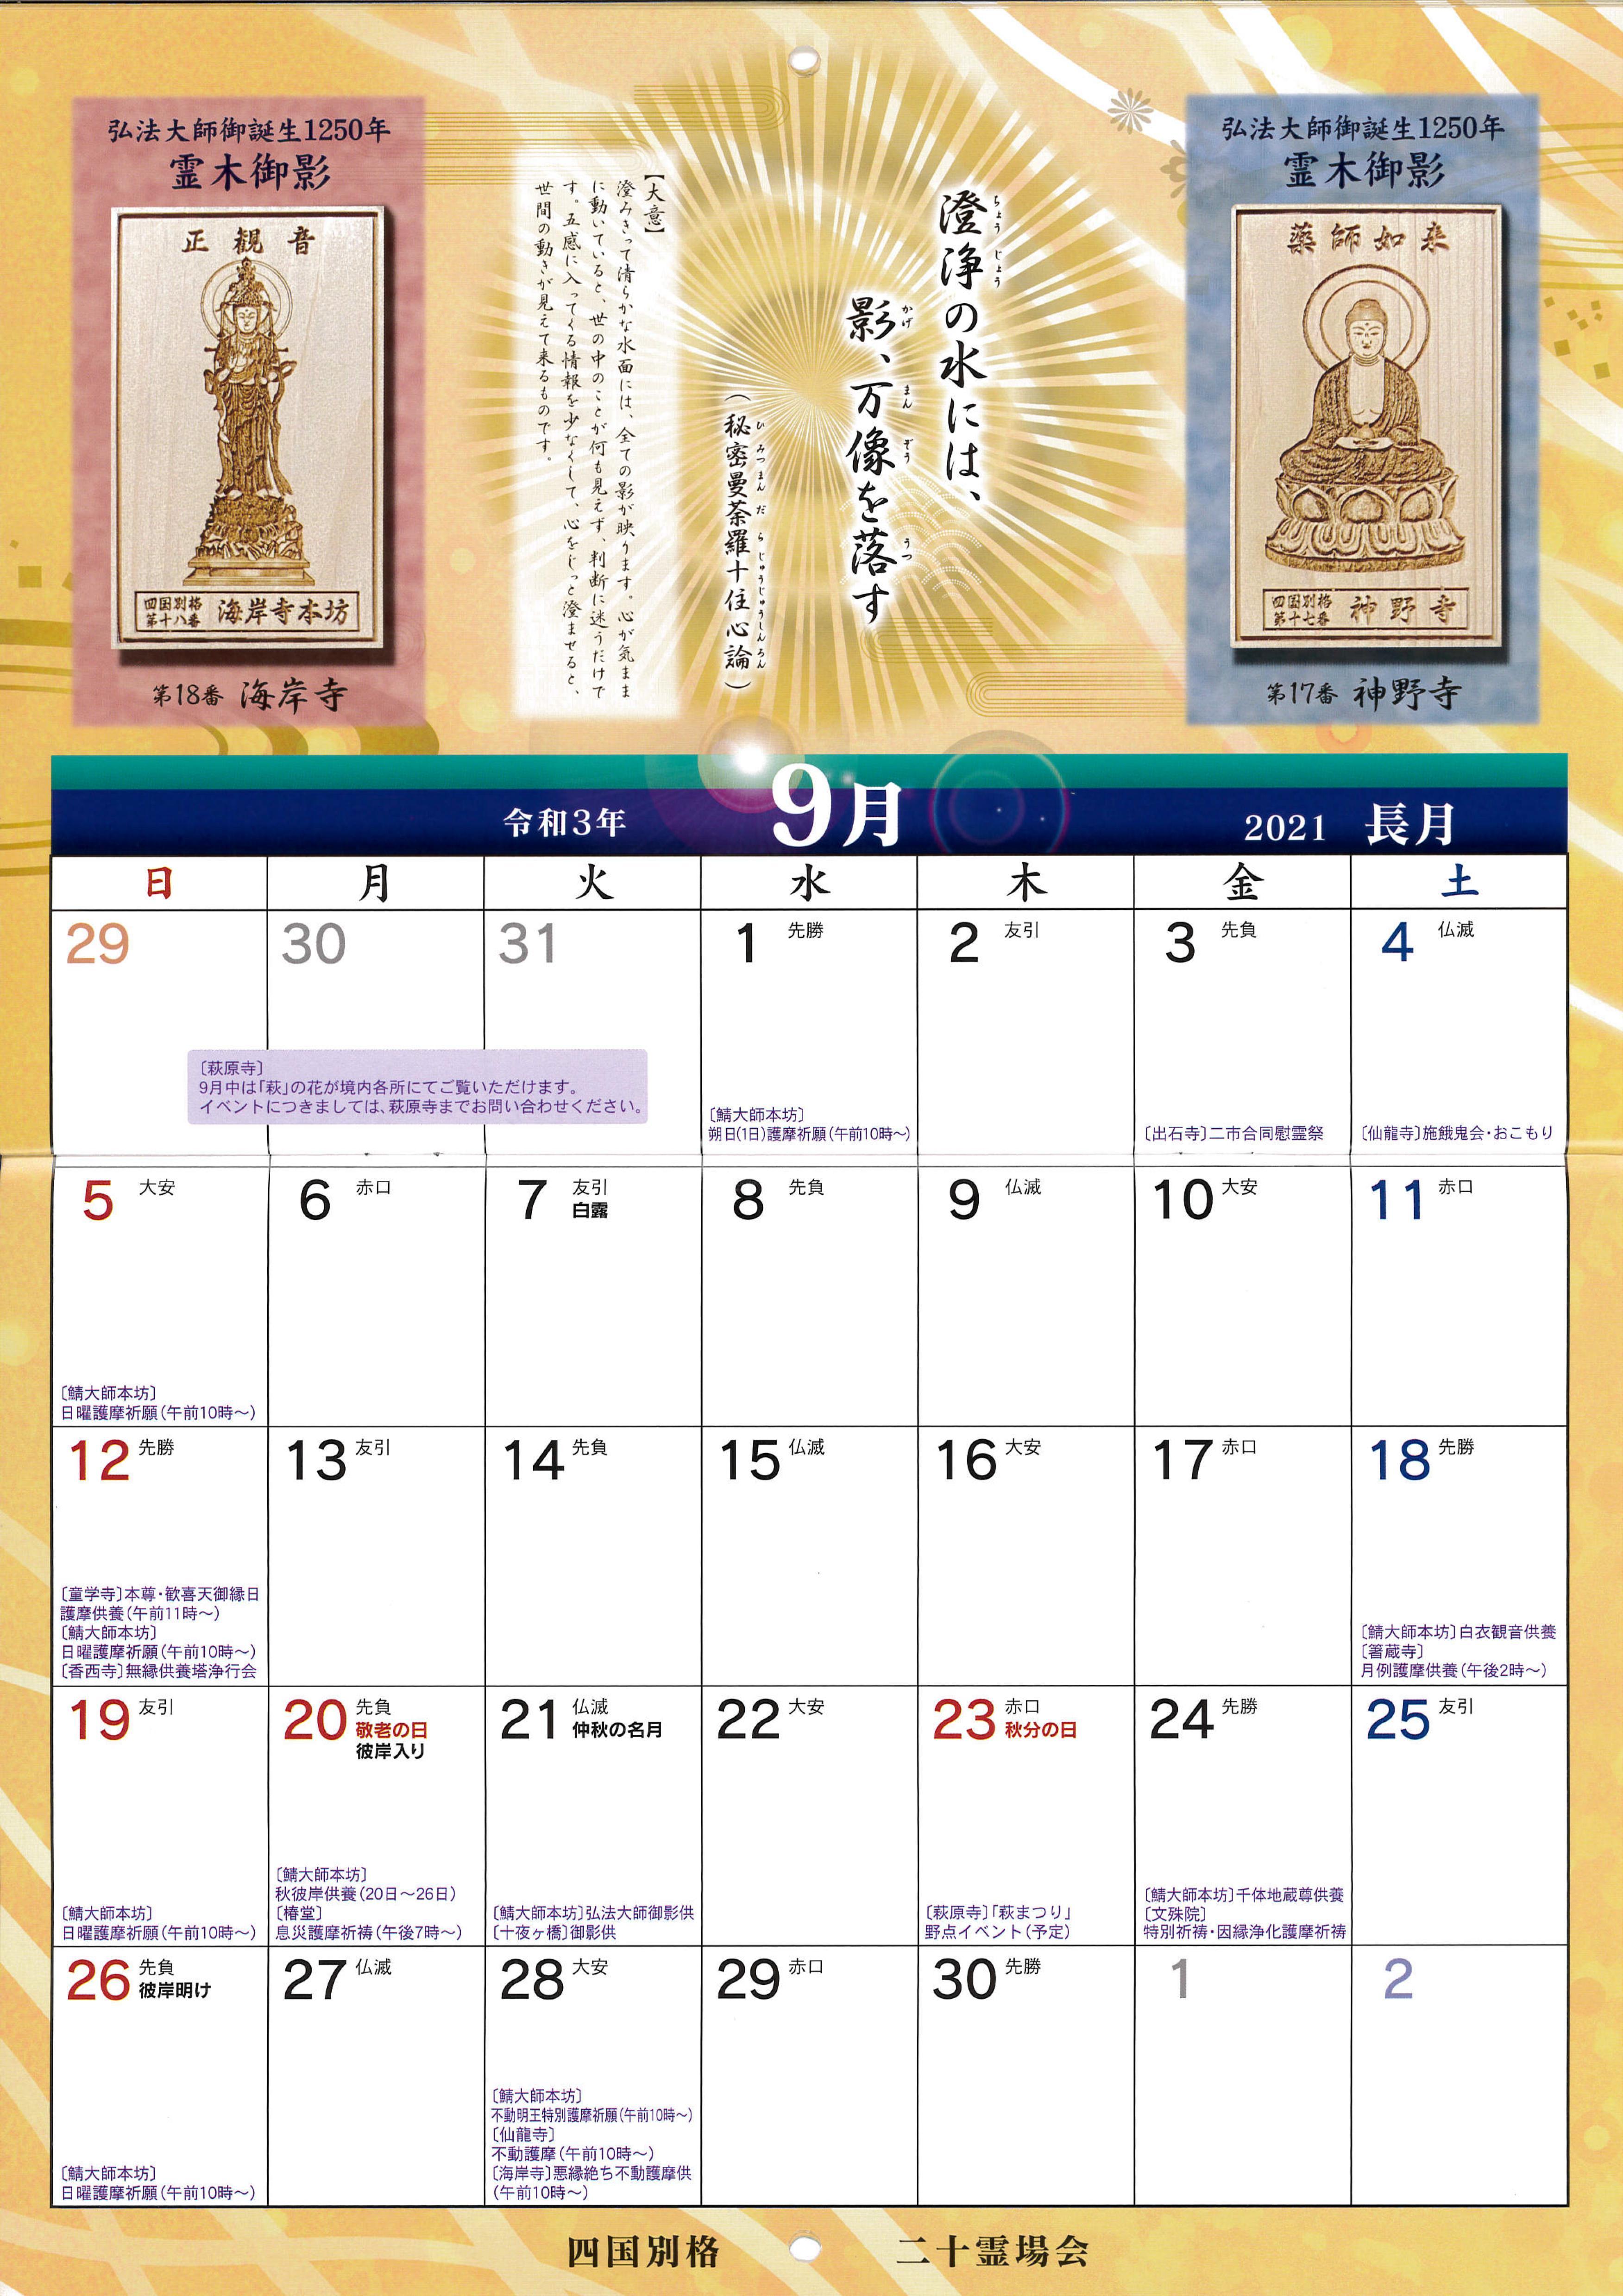 2021年別格二十霊場カレンダー9月分